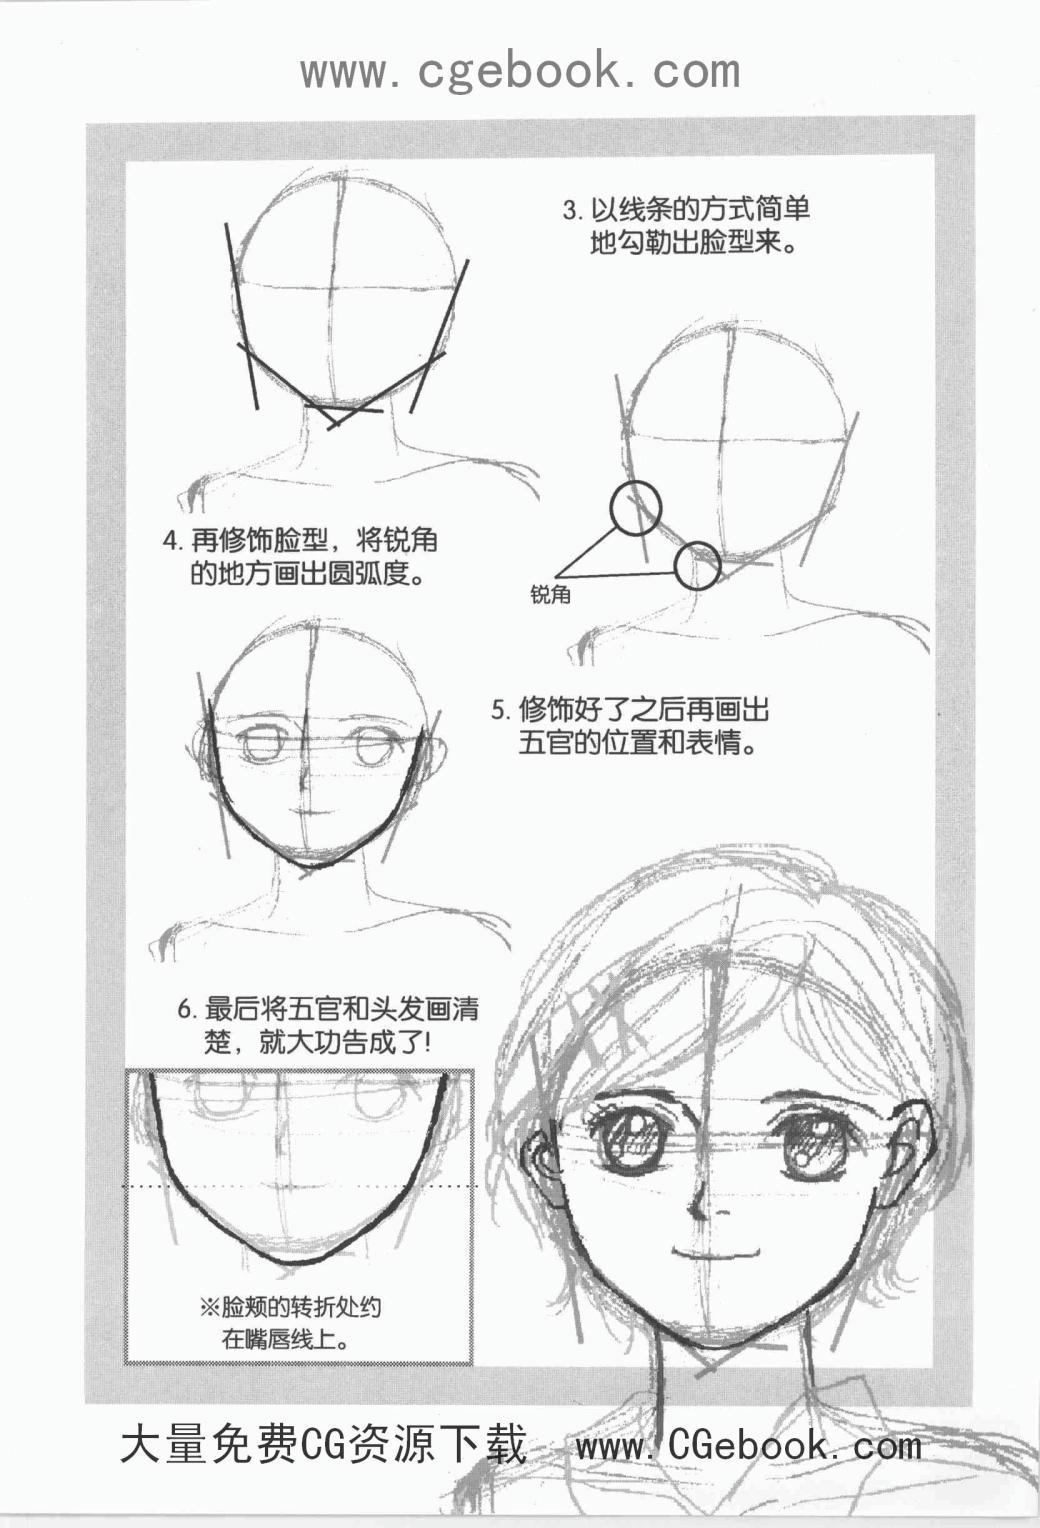 Cómo Dibujar Manga Jb58r2eqyllvh78fg